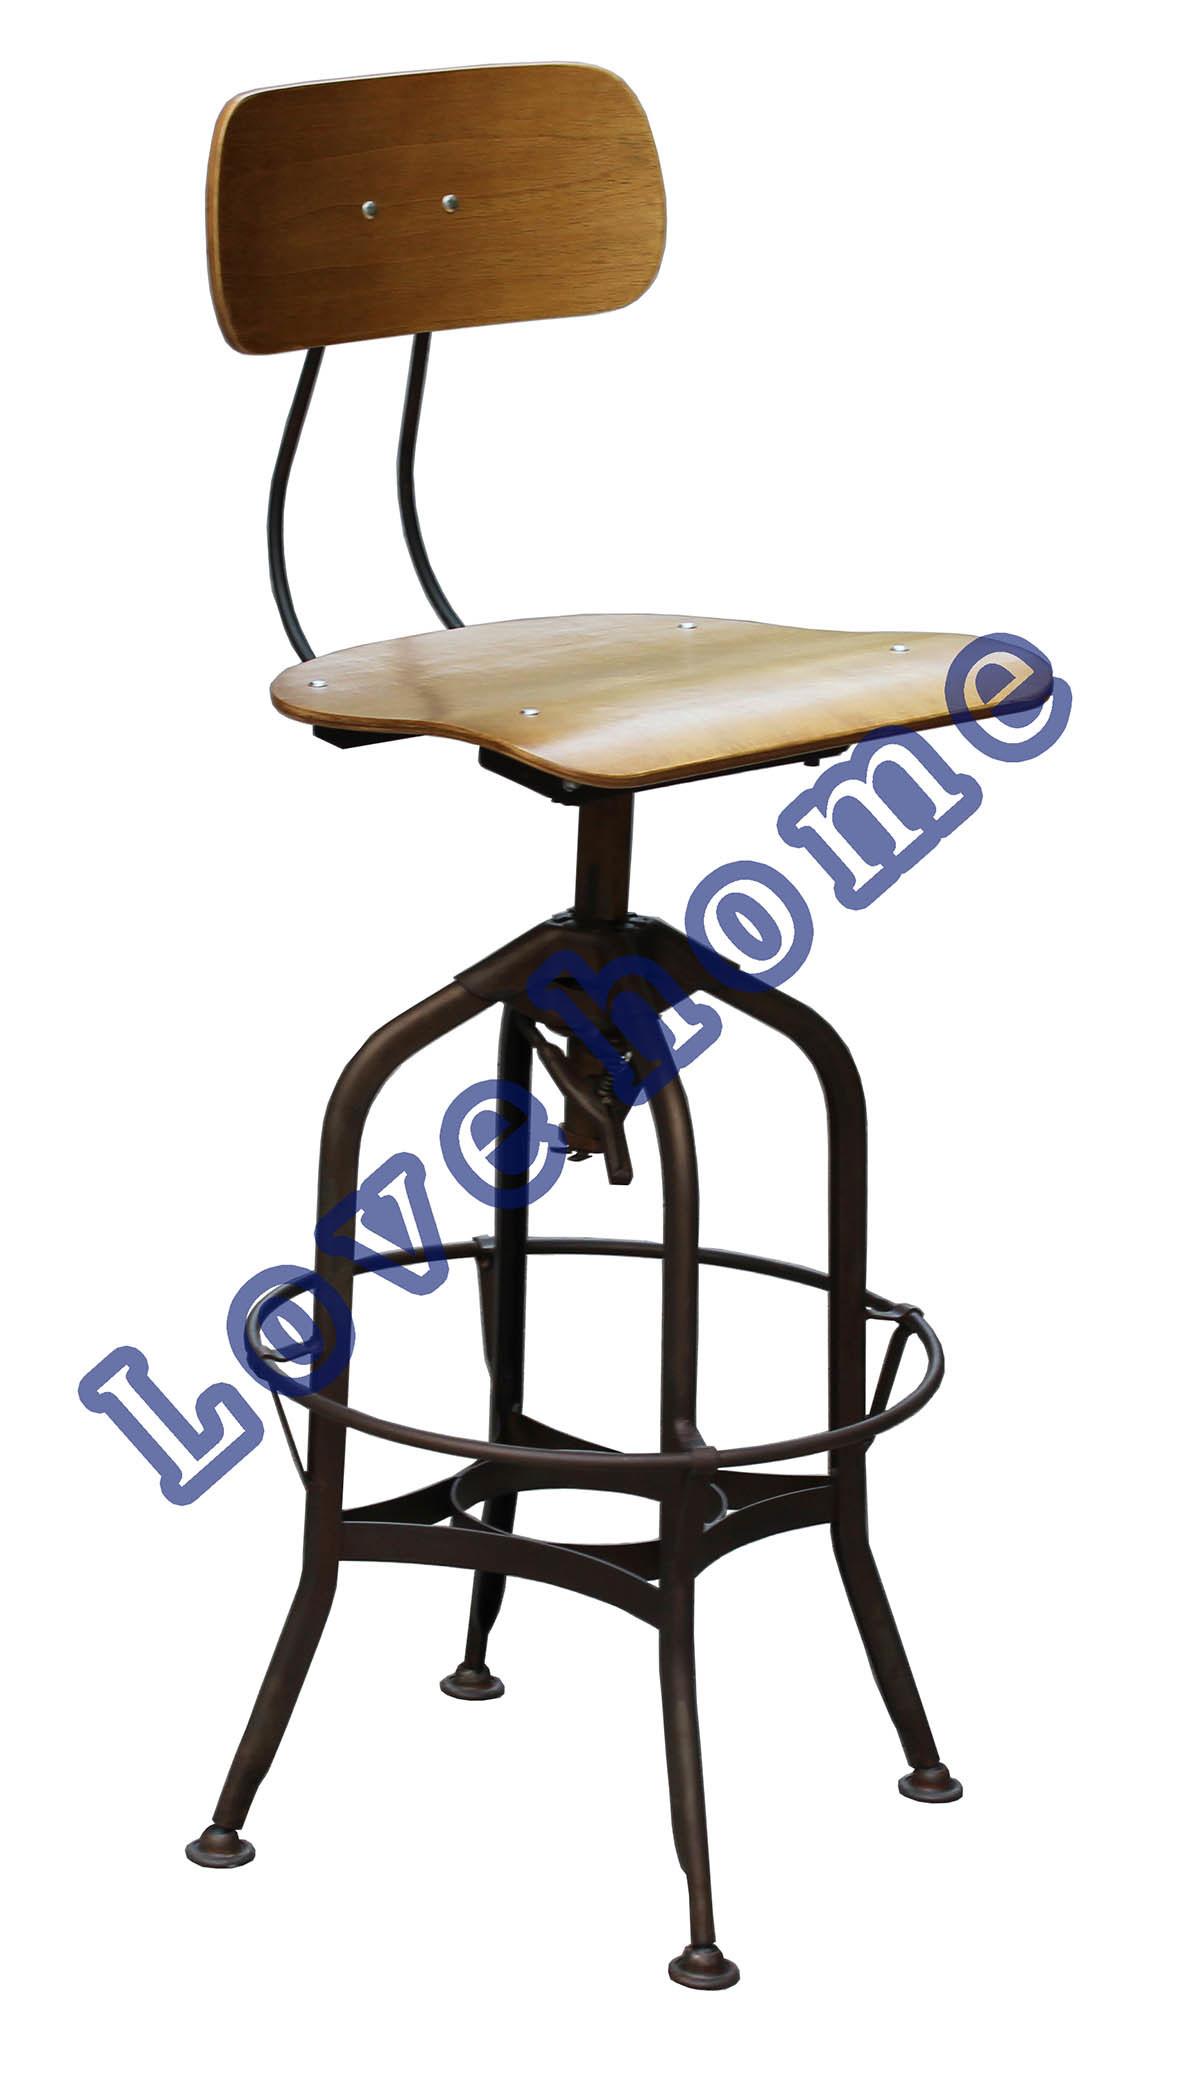 M tal industriel dinant les chaises en acier de barre de toledo photo sur fr - Chaise en metal industriel ...